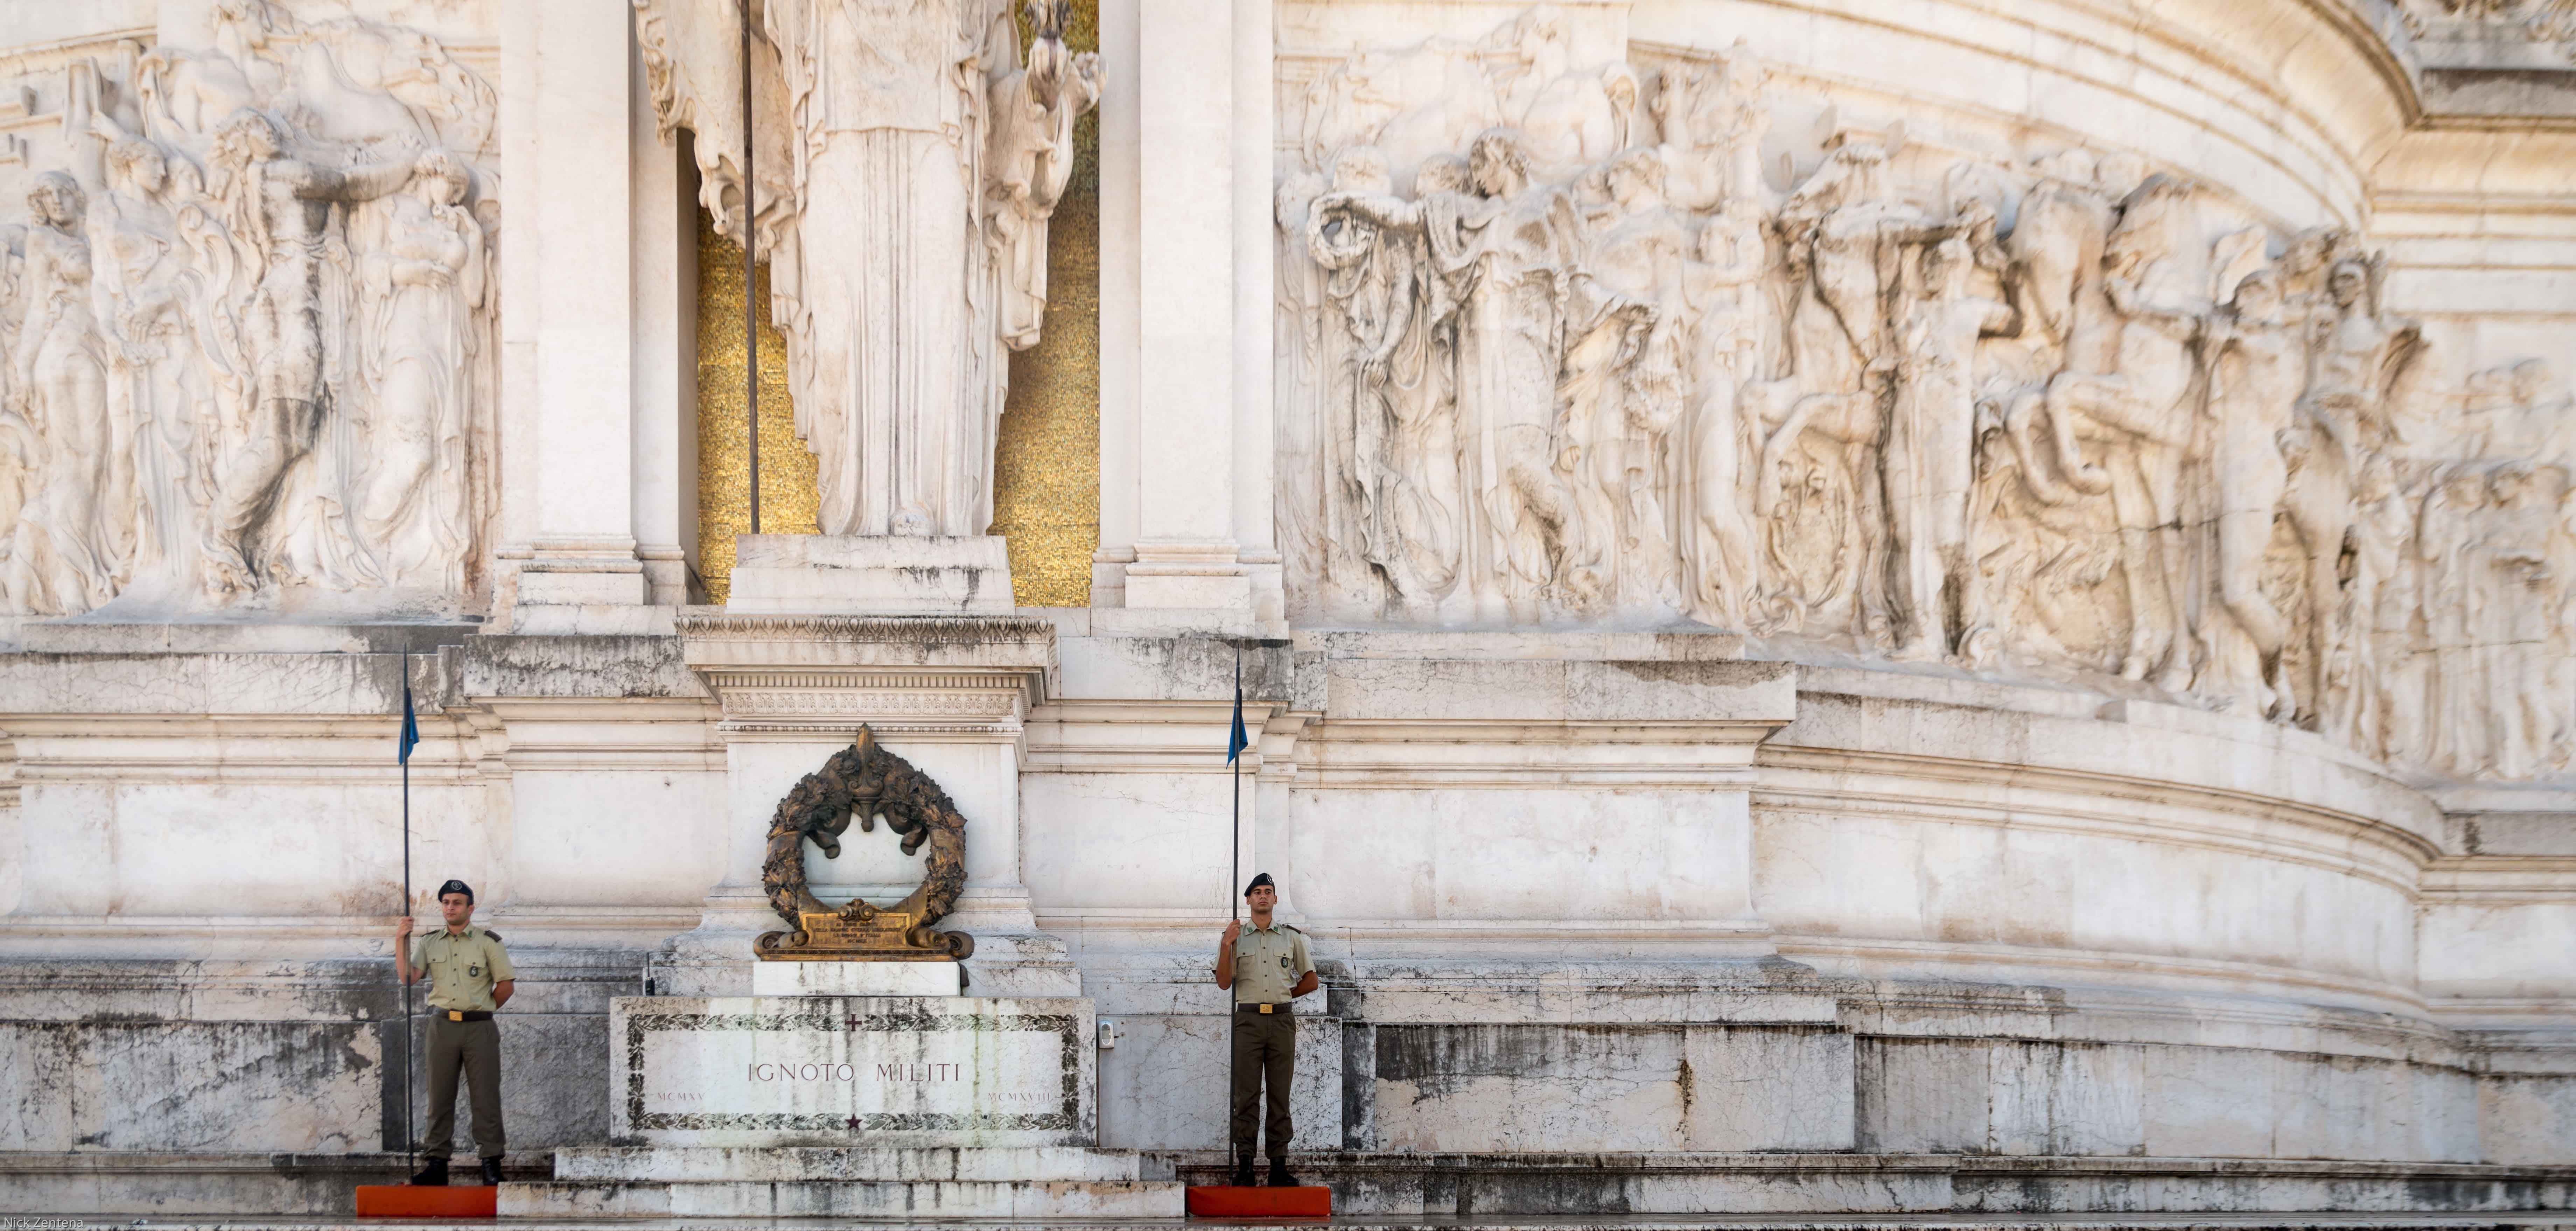 Changing of the honor guard Altare della Patria Rome Italy